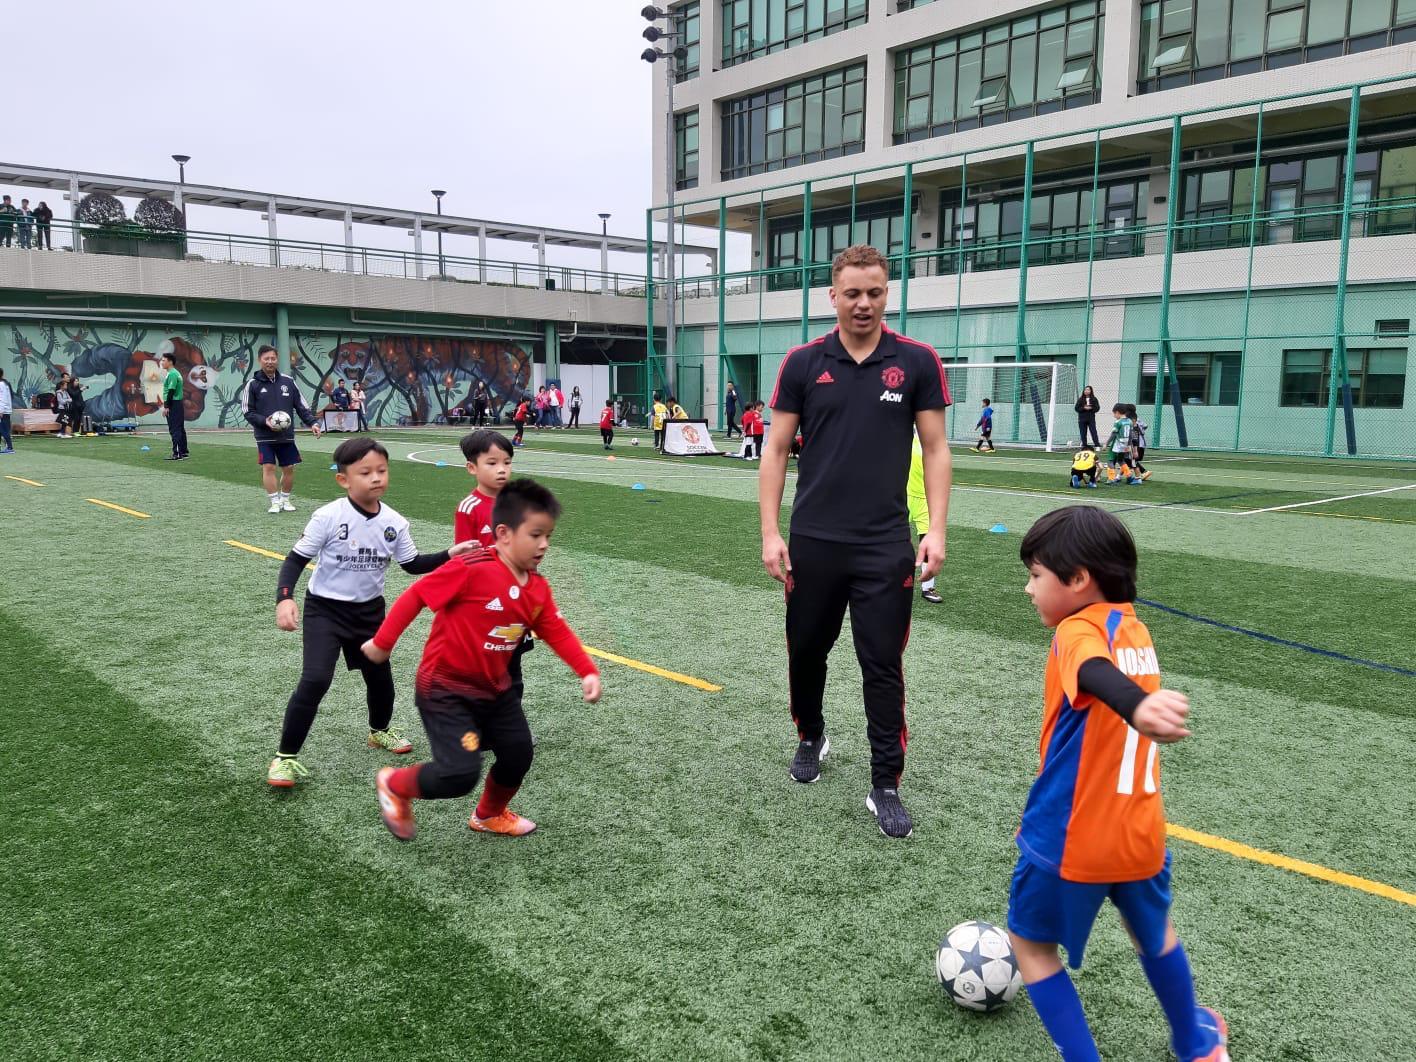 曼联名宿布朗教授小朋友足球技巧。相片由马会提供